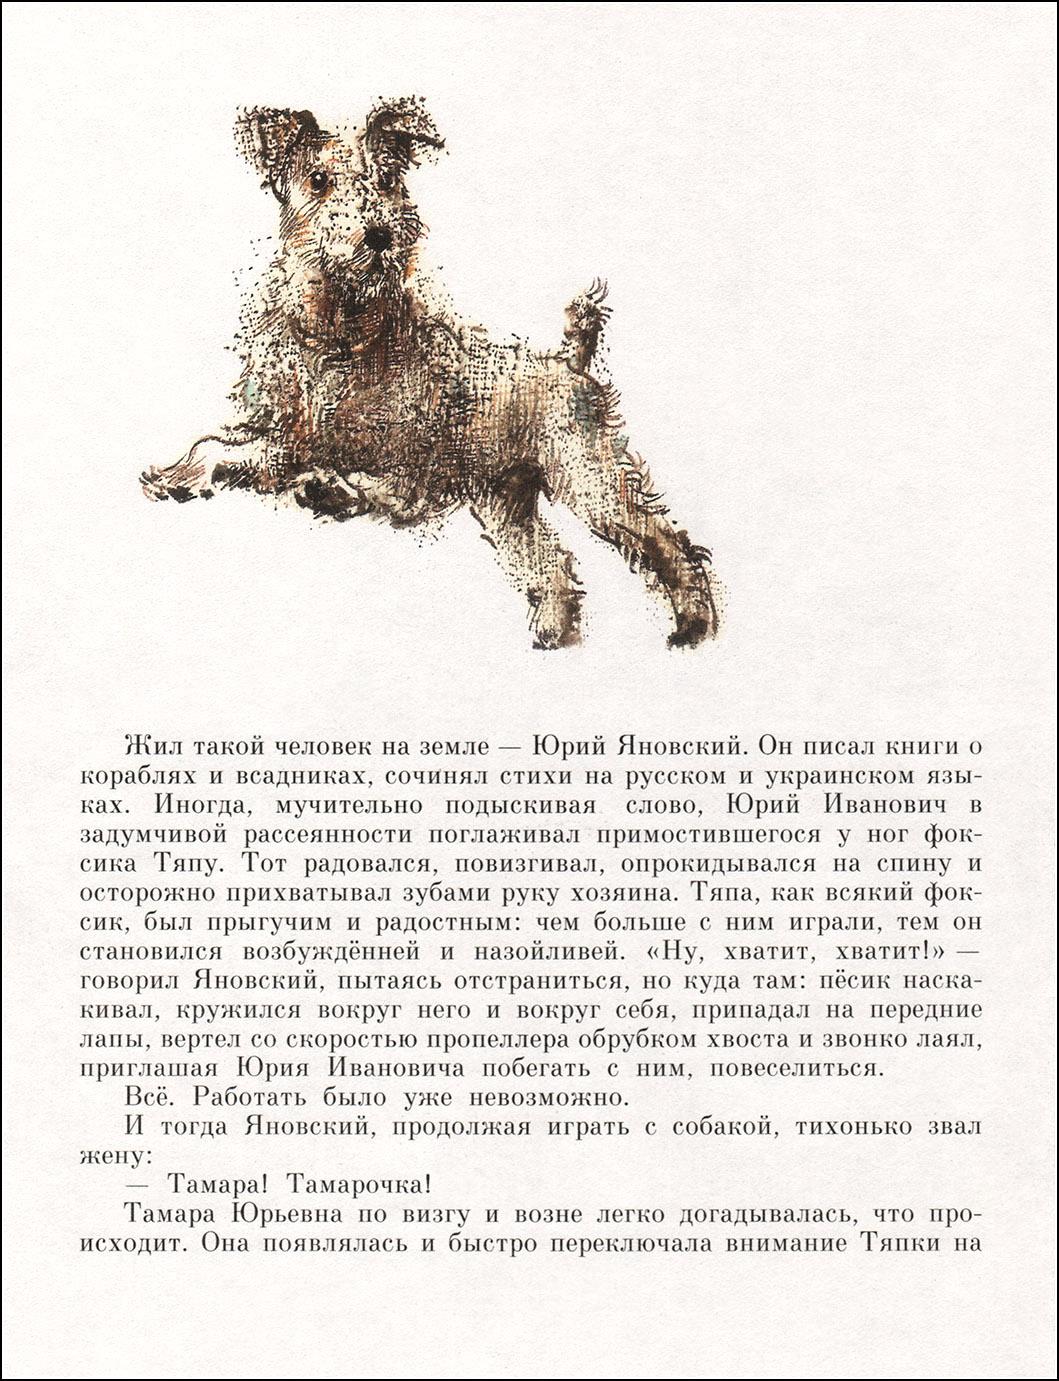 Е. Флёрова, Тяпа